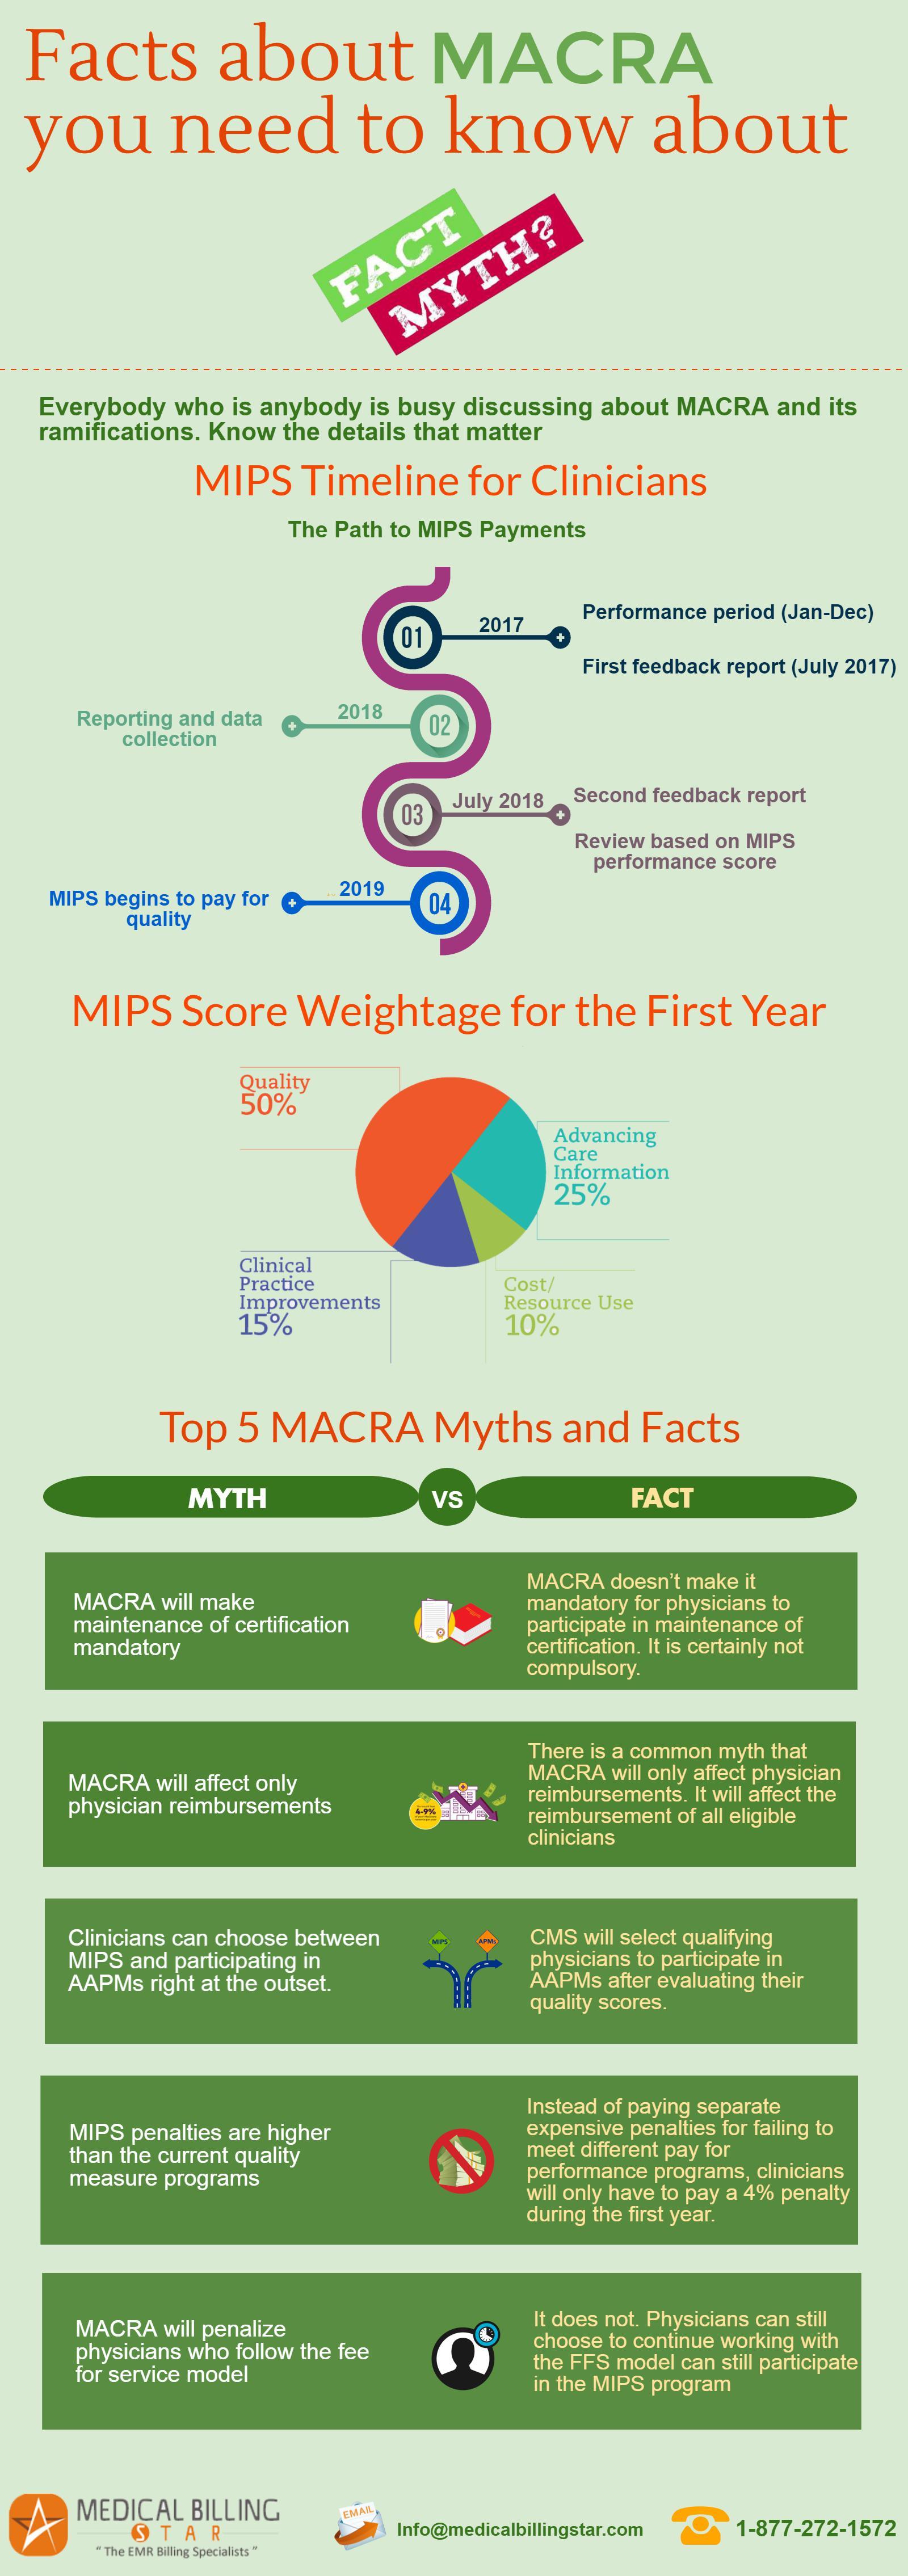 MACRA Facts & Myths